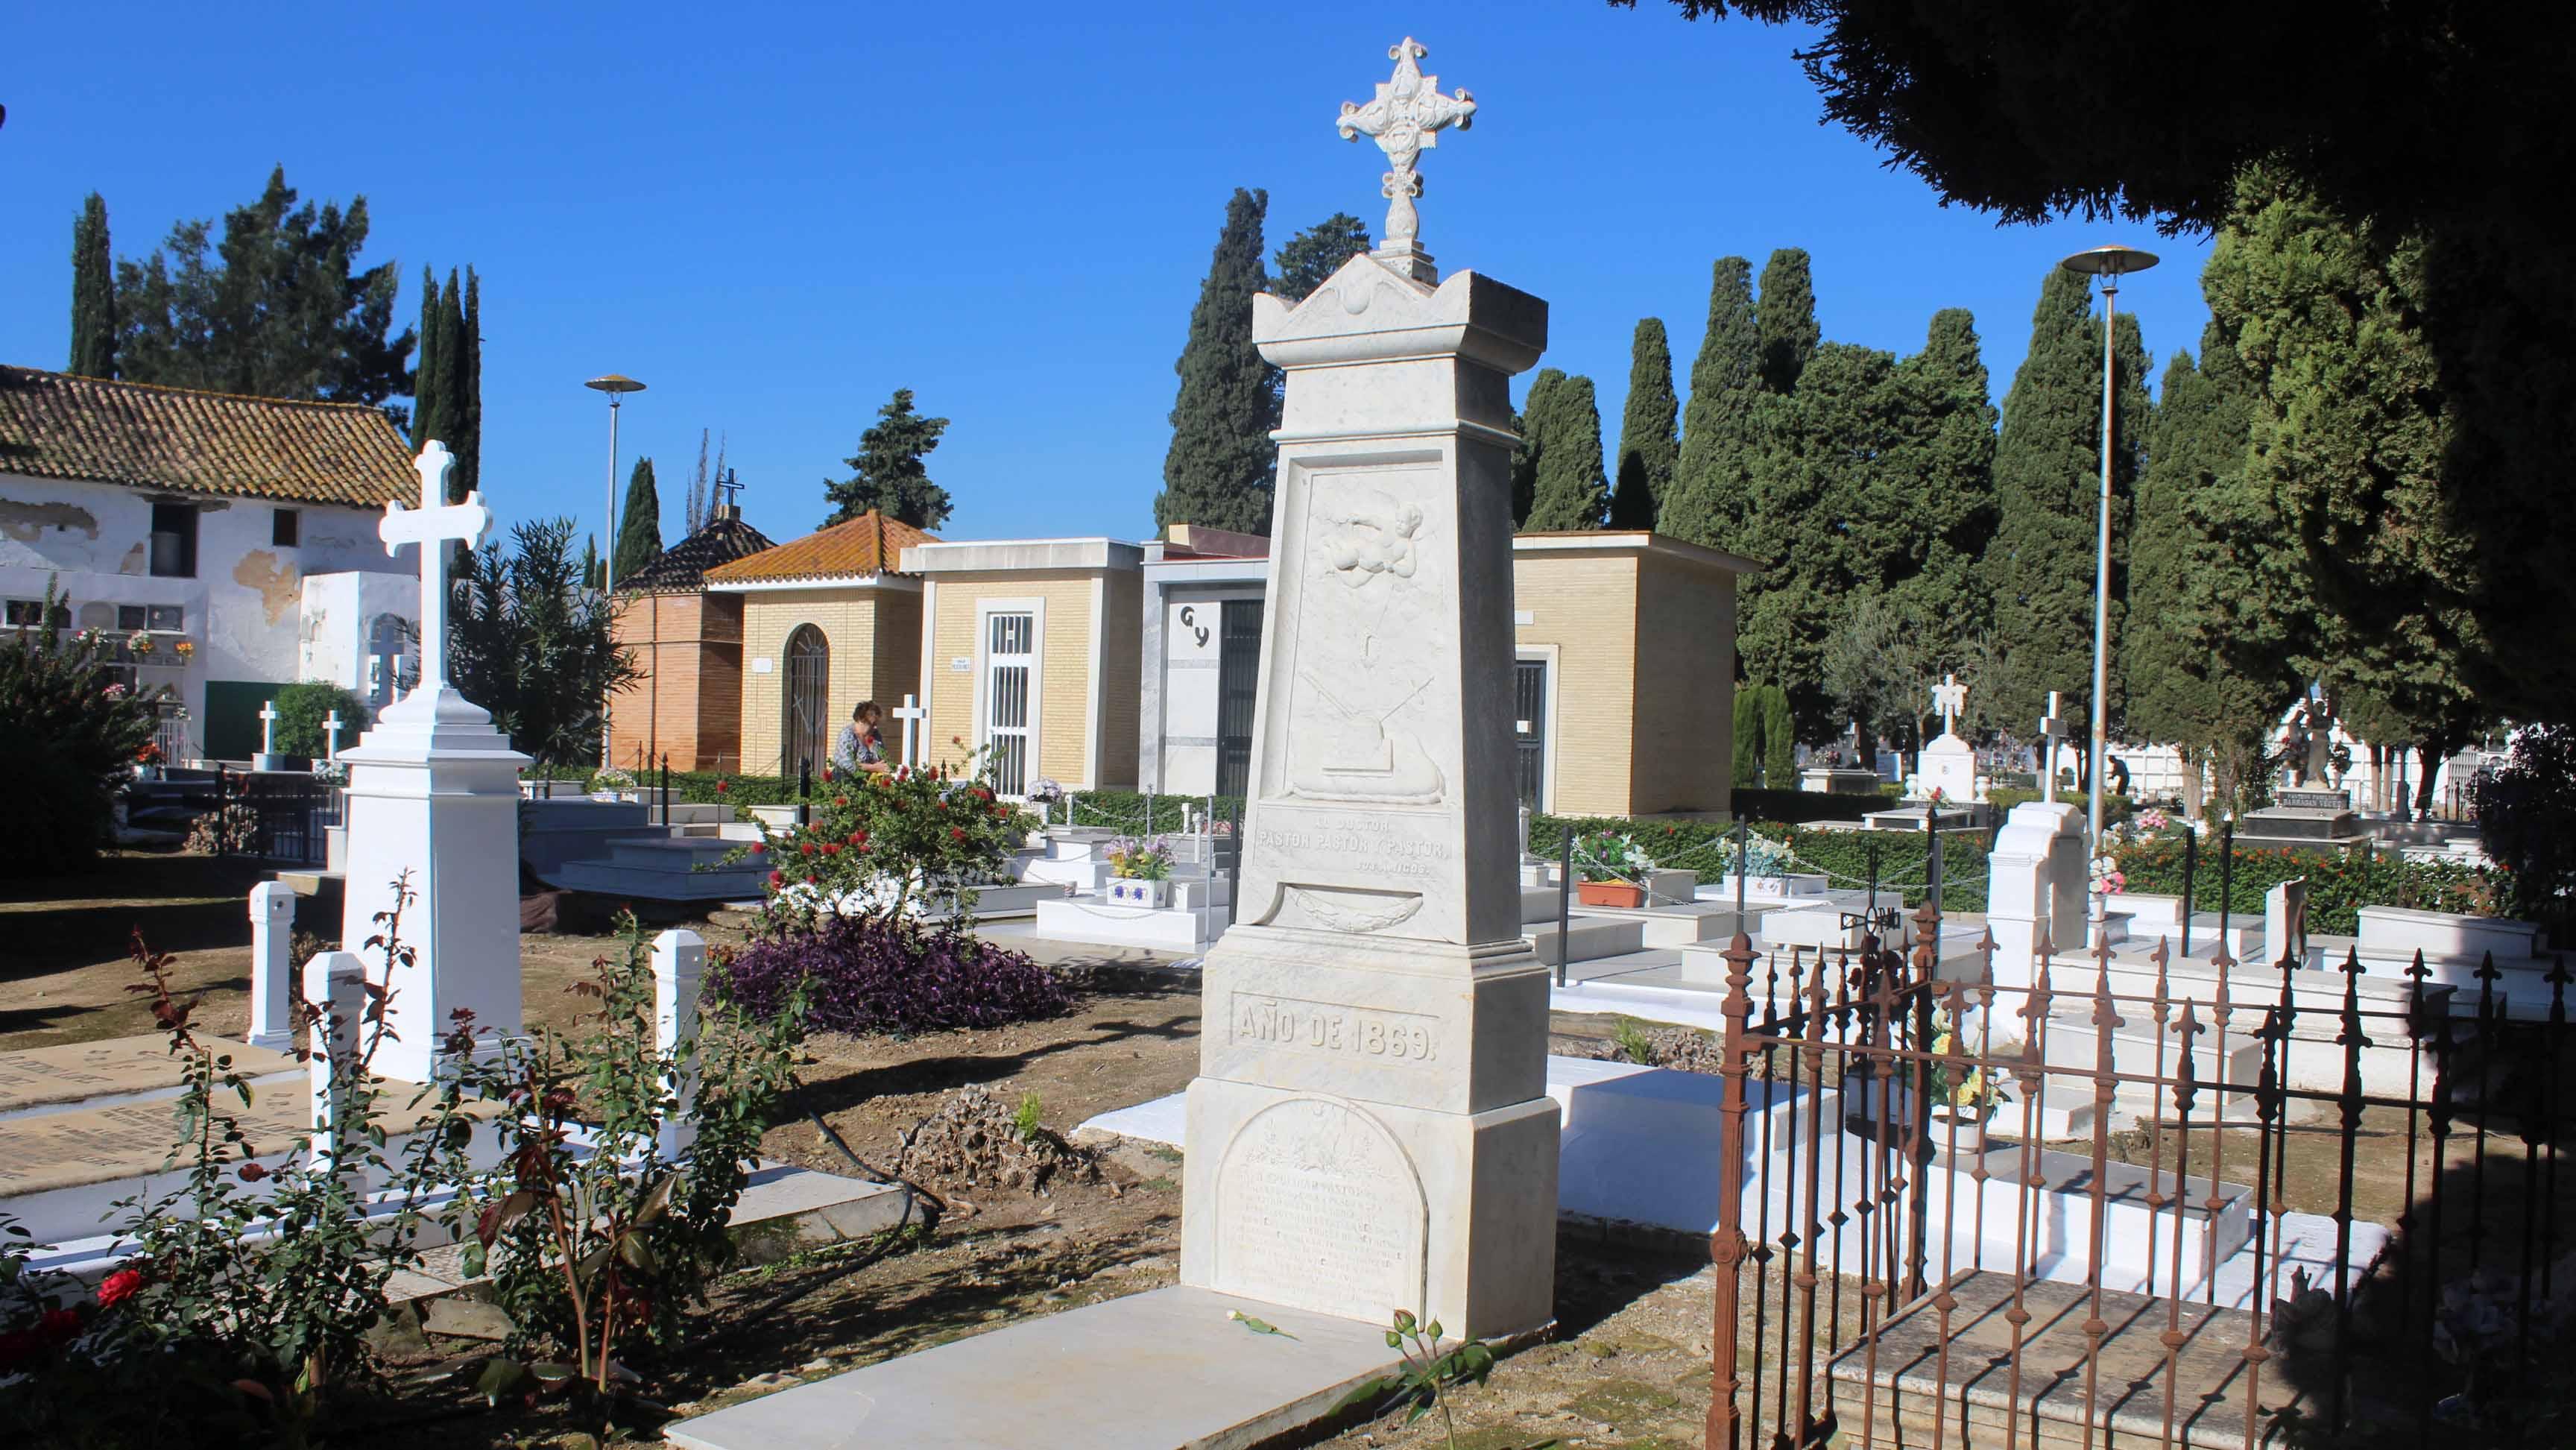 La fosa común ha sido hallada en el denominado patio de San Francisco del Cementerio de Utrera